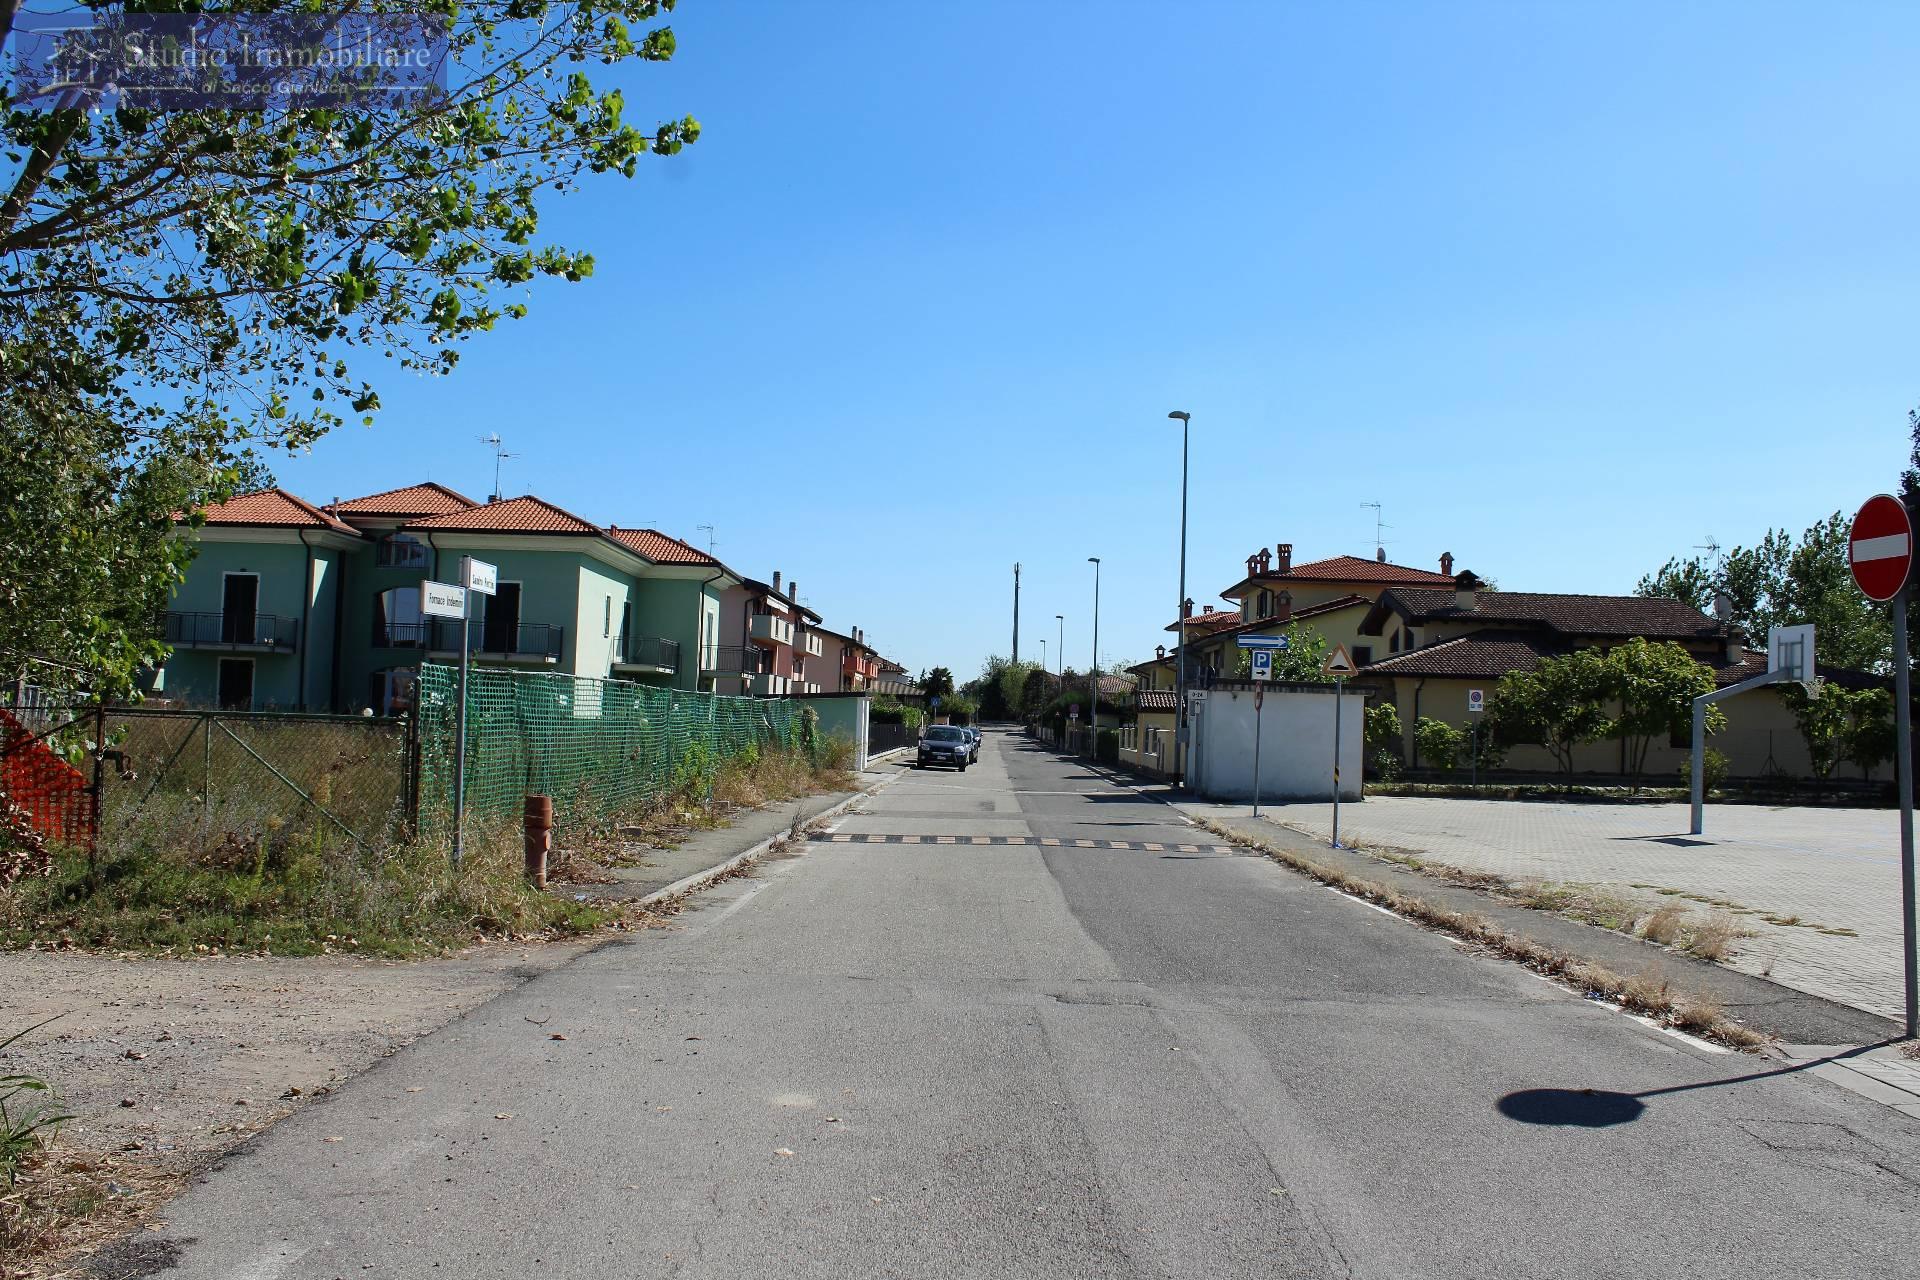 Terreno Edificabile Residenziale in vendita a Bressana Bottarone, 9999 locali, prezzo € 48.000 | CambioCasa.it